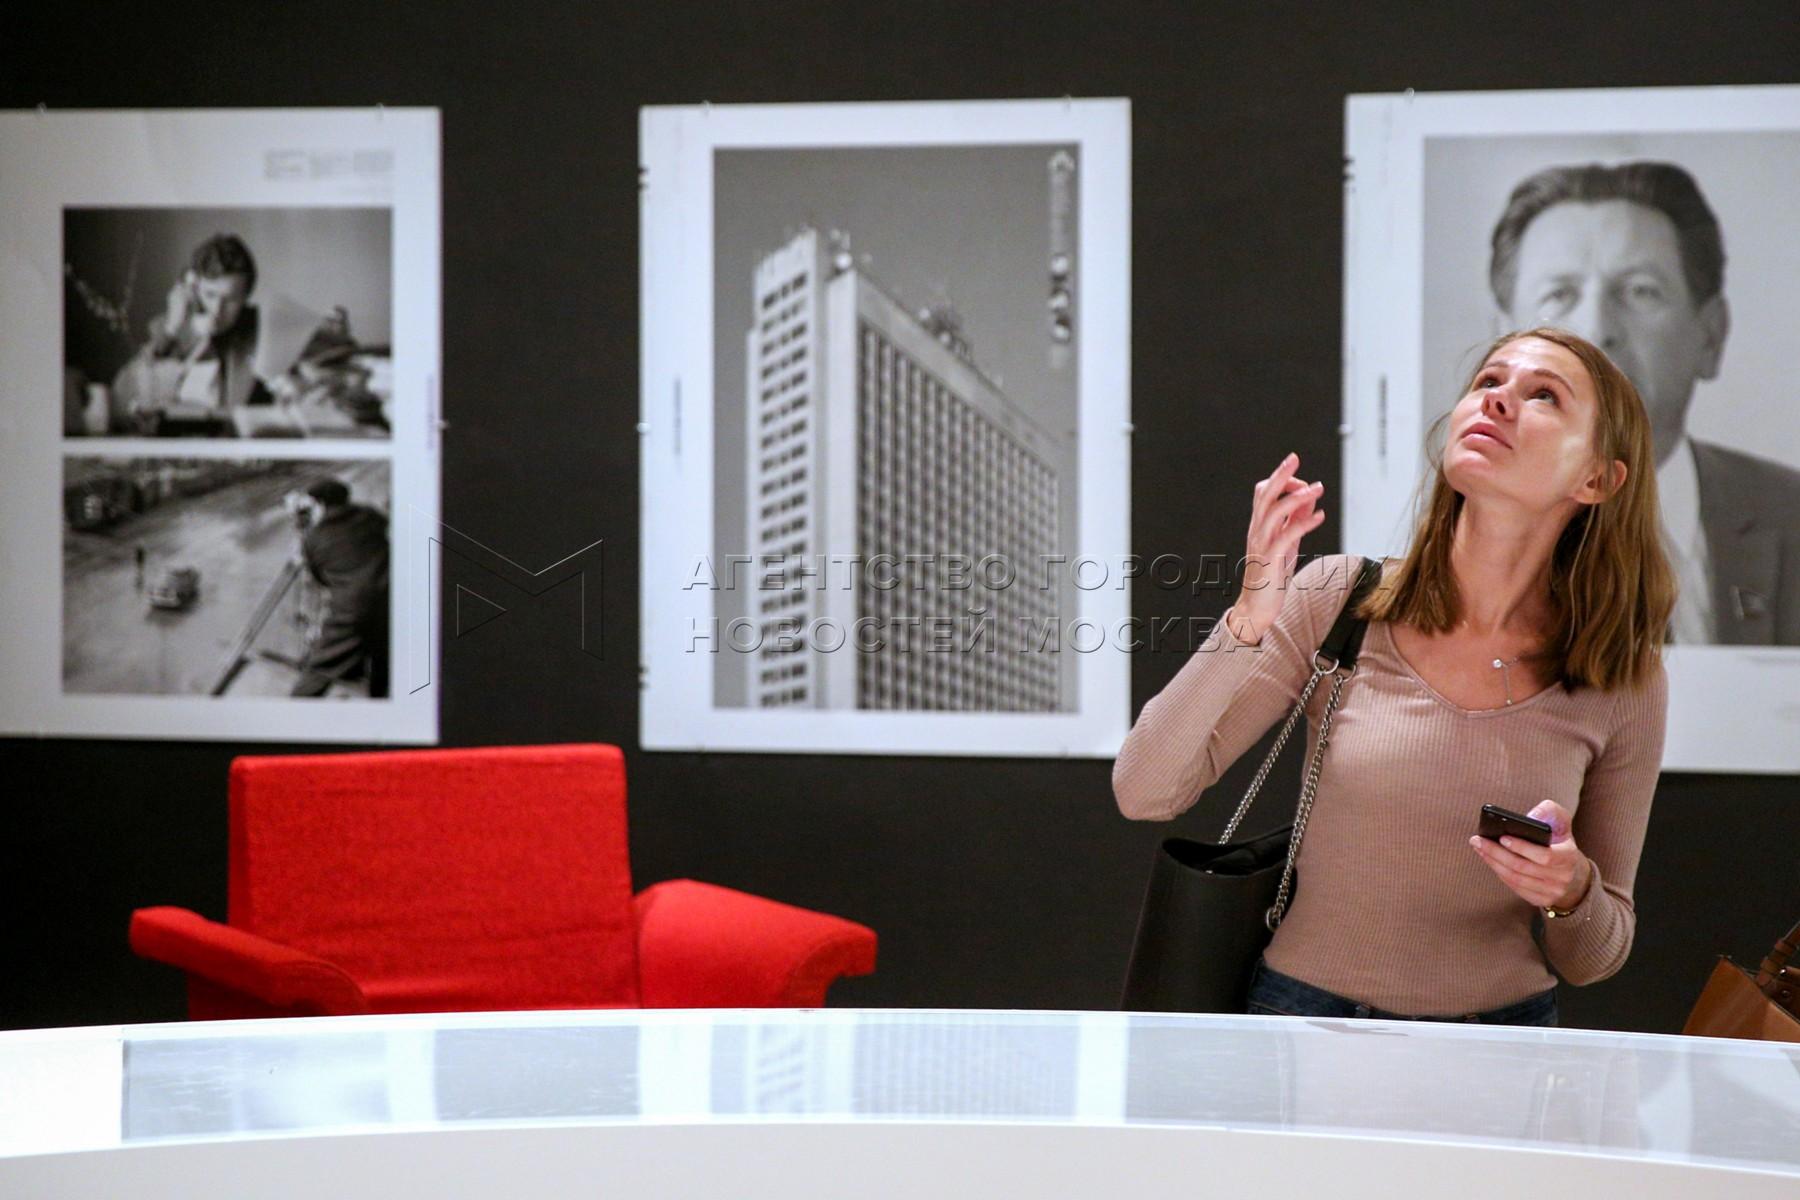 Предпоказ выставки номинантов Премии Кандинского в Московском музее современного искусства.